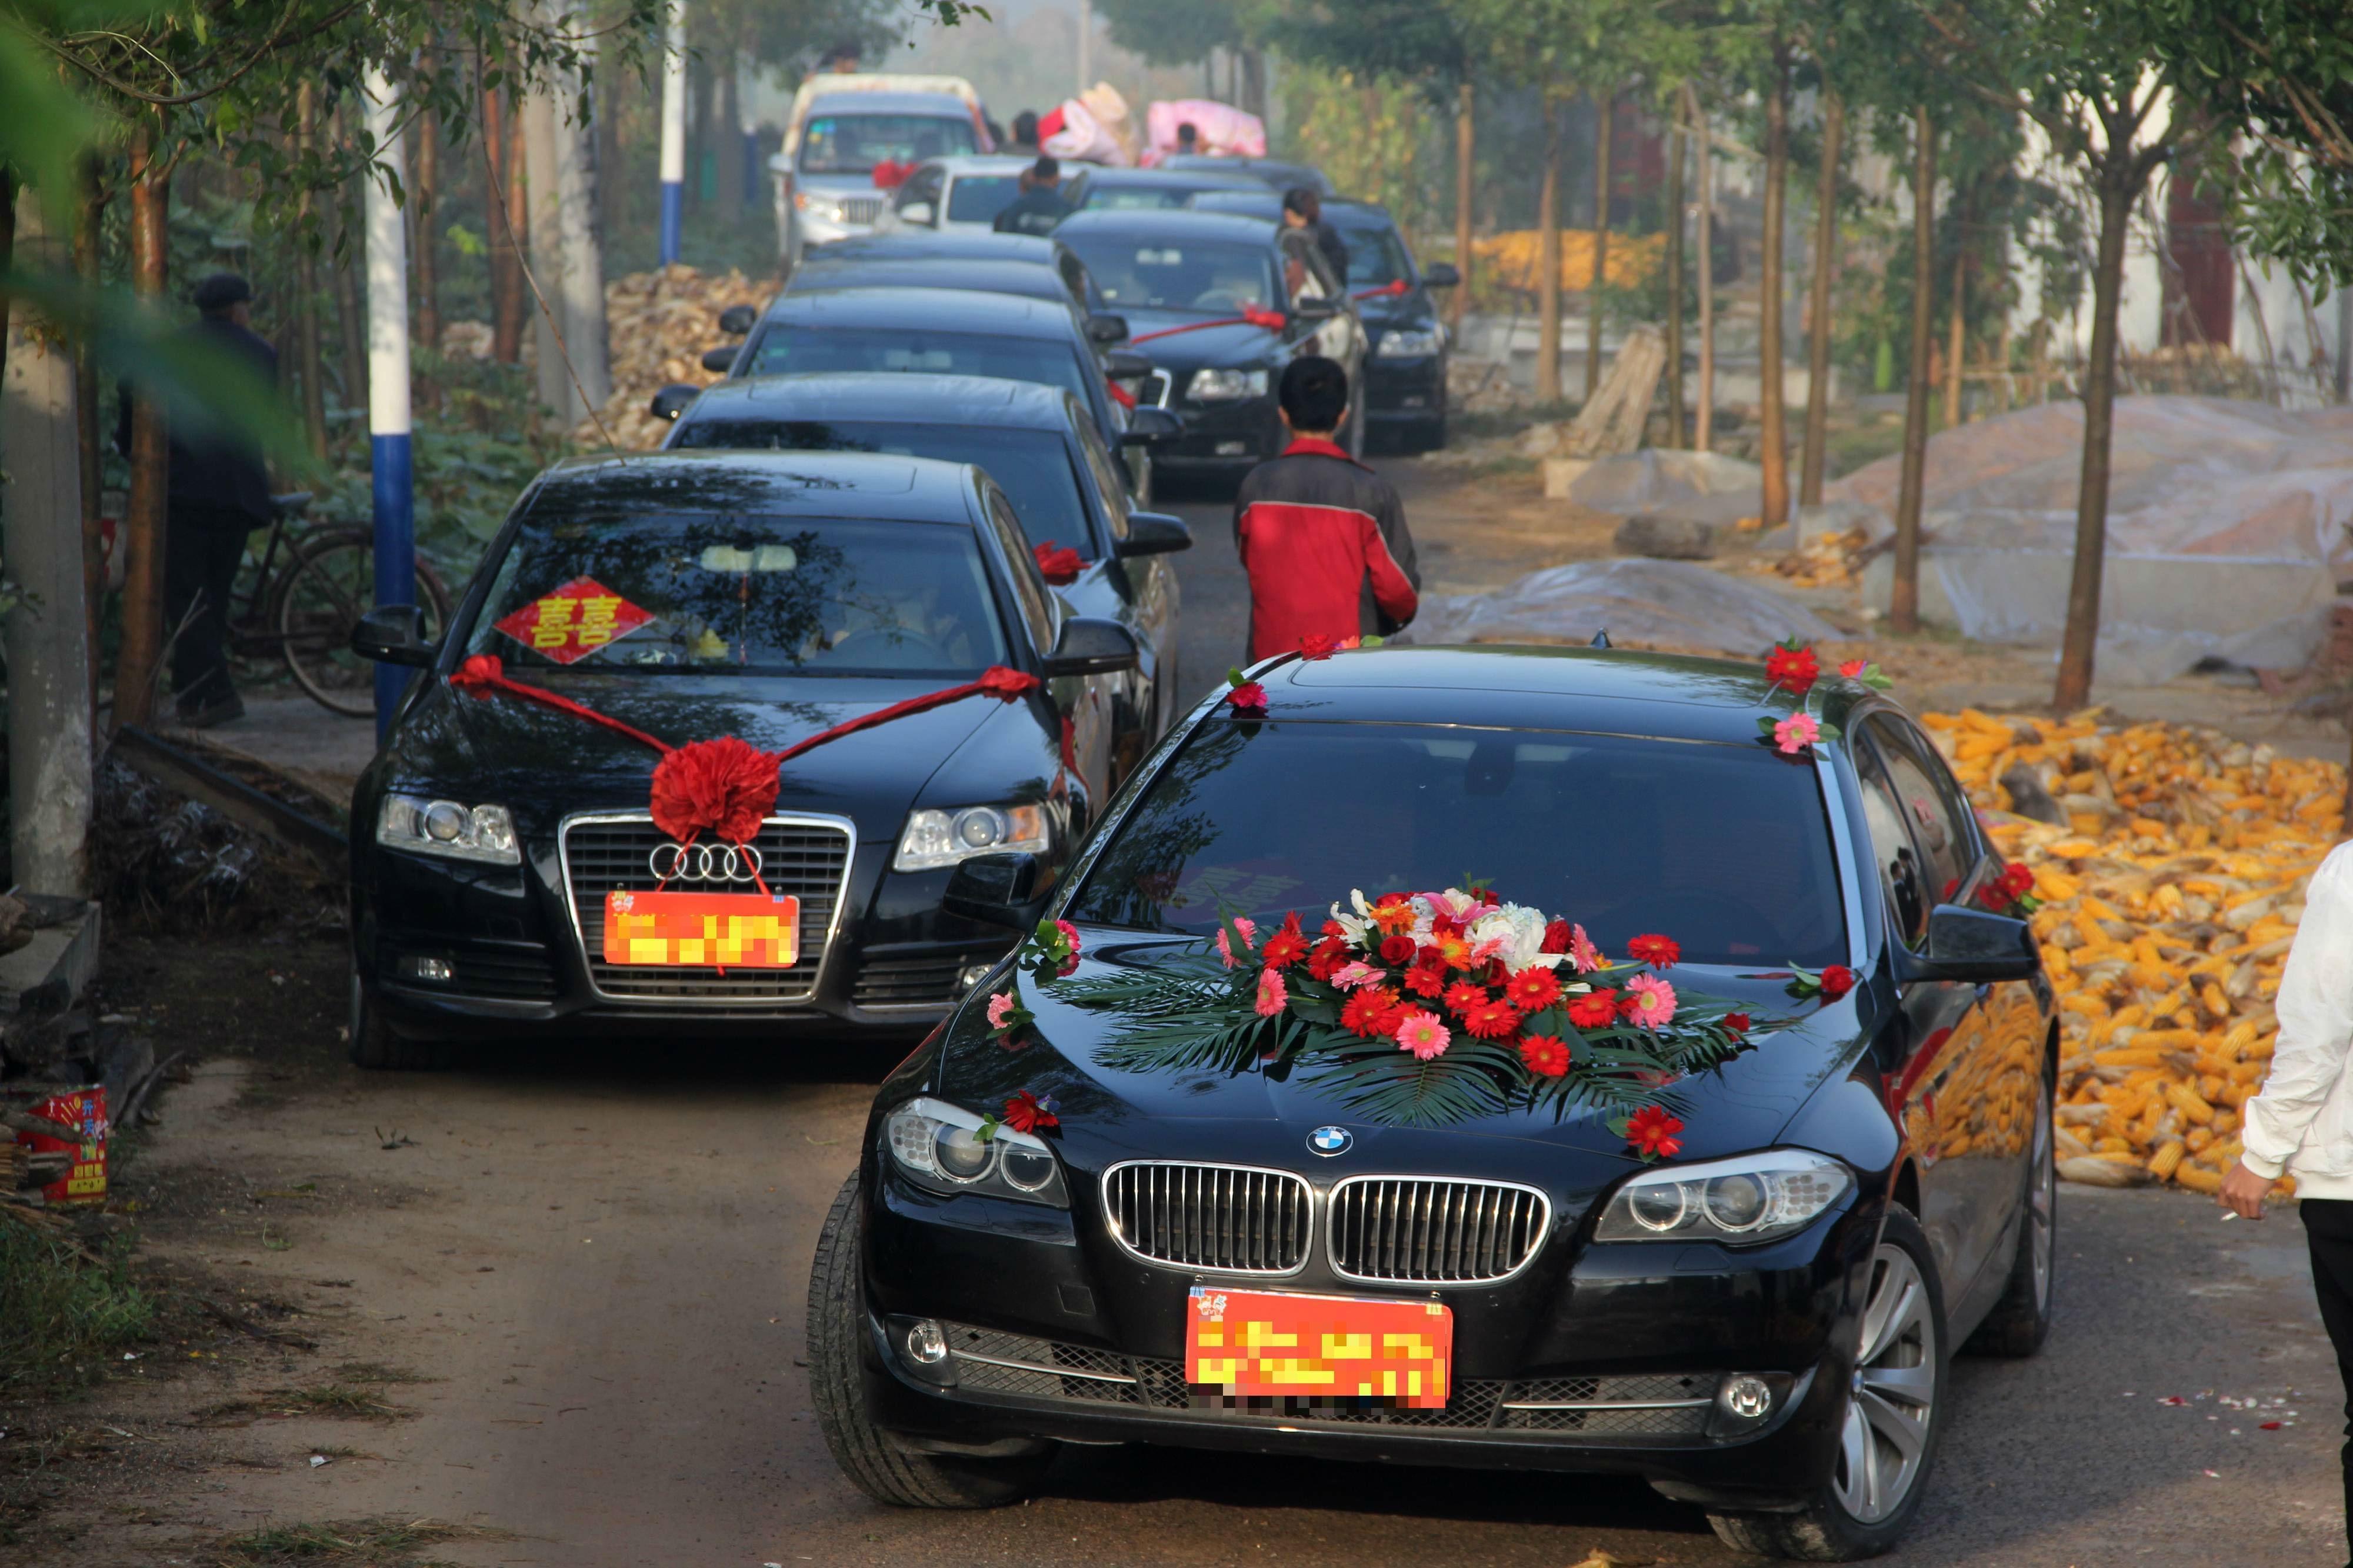 2016年10月8日,山东滨州,一场农村婚礼上的豪华迎亲车队。/视觉中国